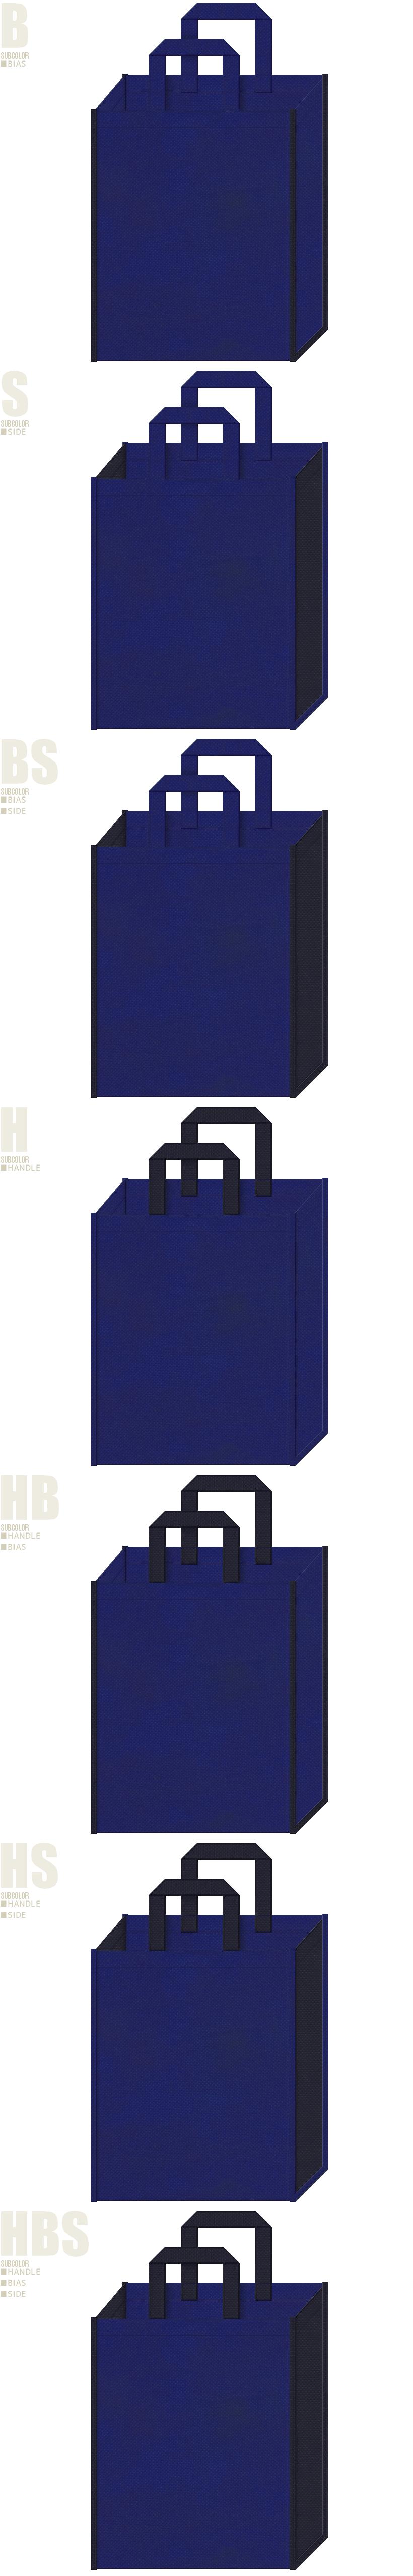 潜水艦・深海・闇夜・格闘・ミステリー・ホラー・ゲームの展示会用バッグにお奨めの不織布バッグデザイン:明るい紺色と濃紺色の不織布バッグ配色7パターン。